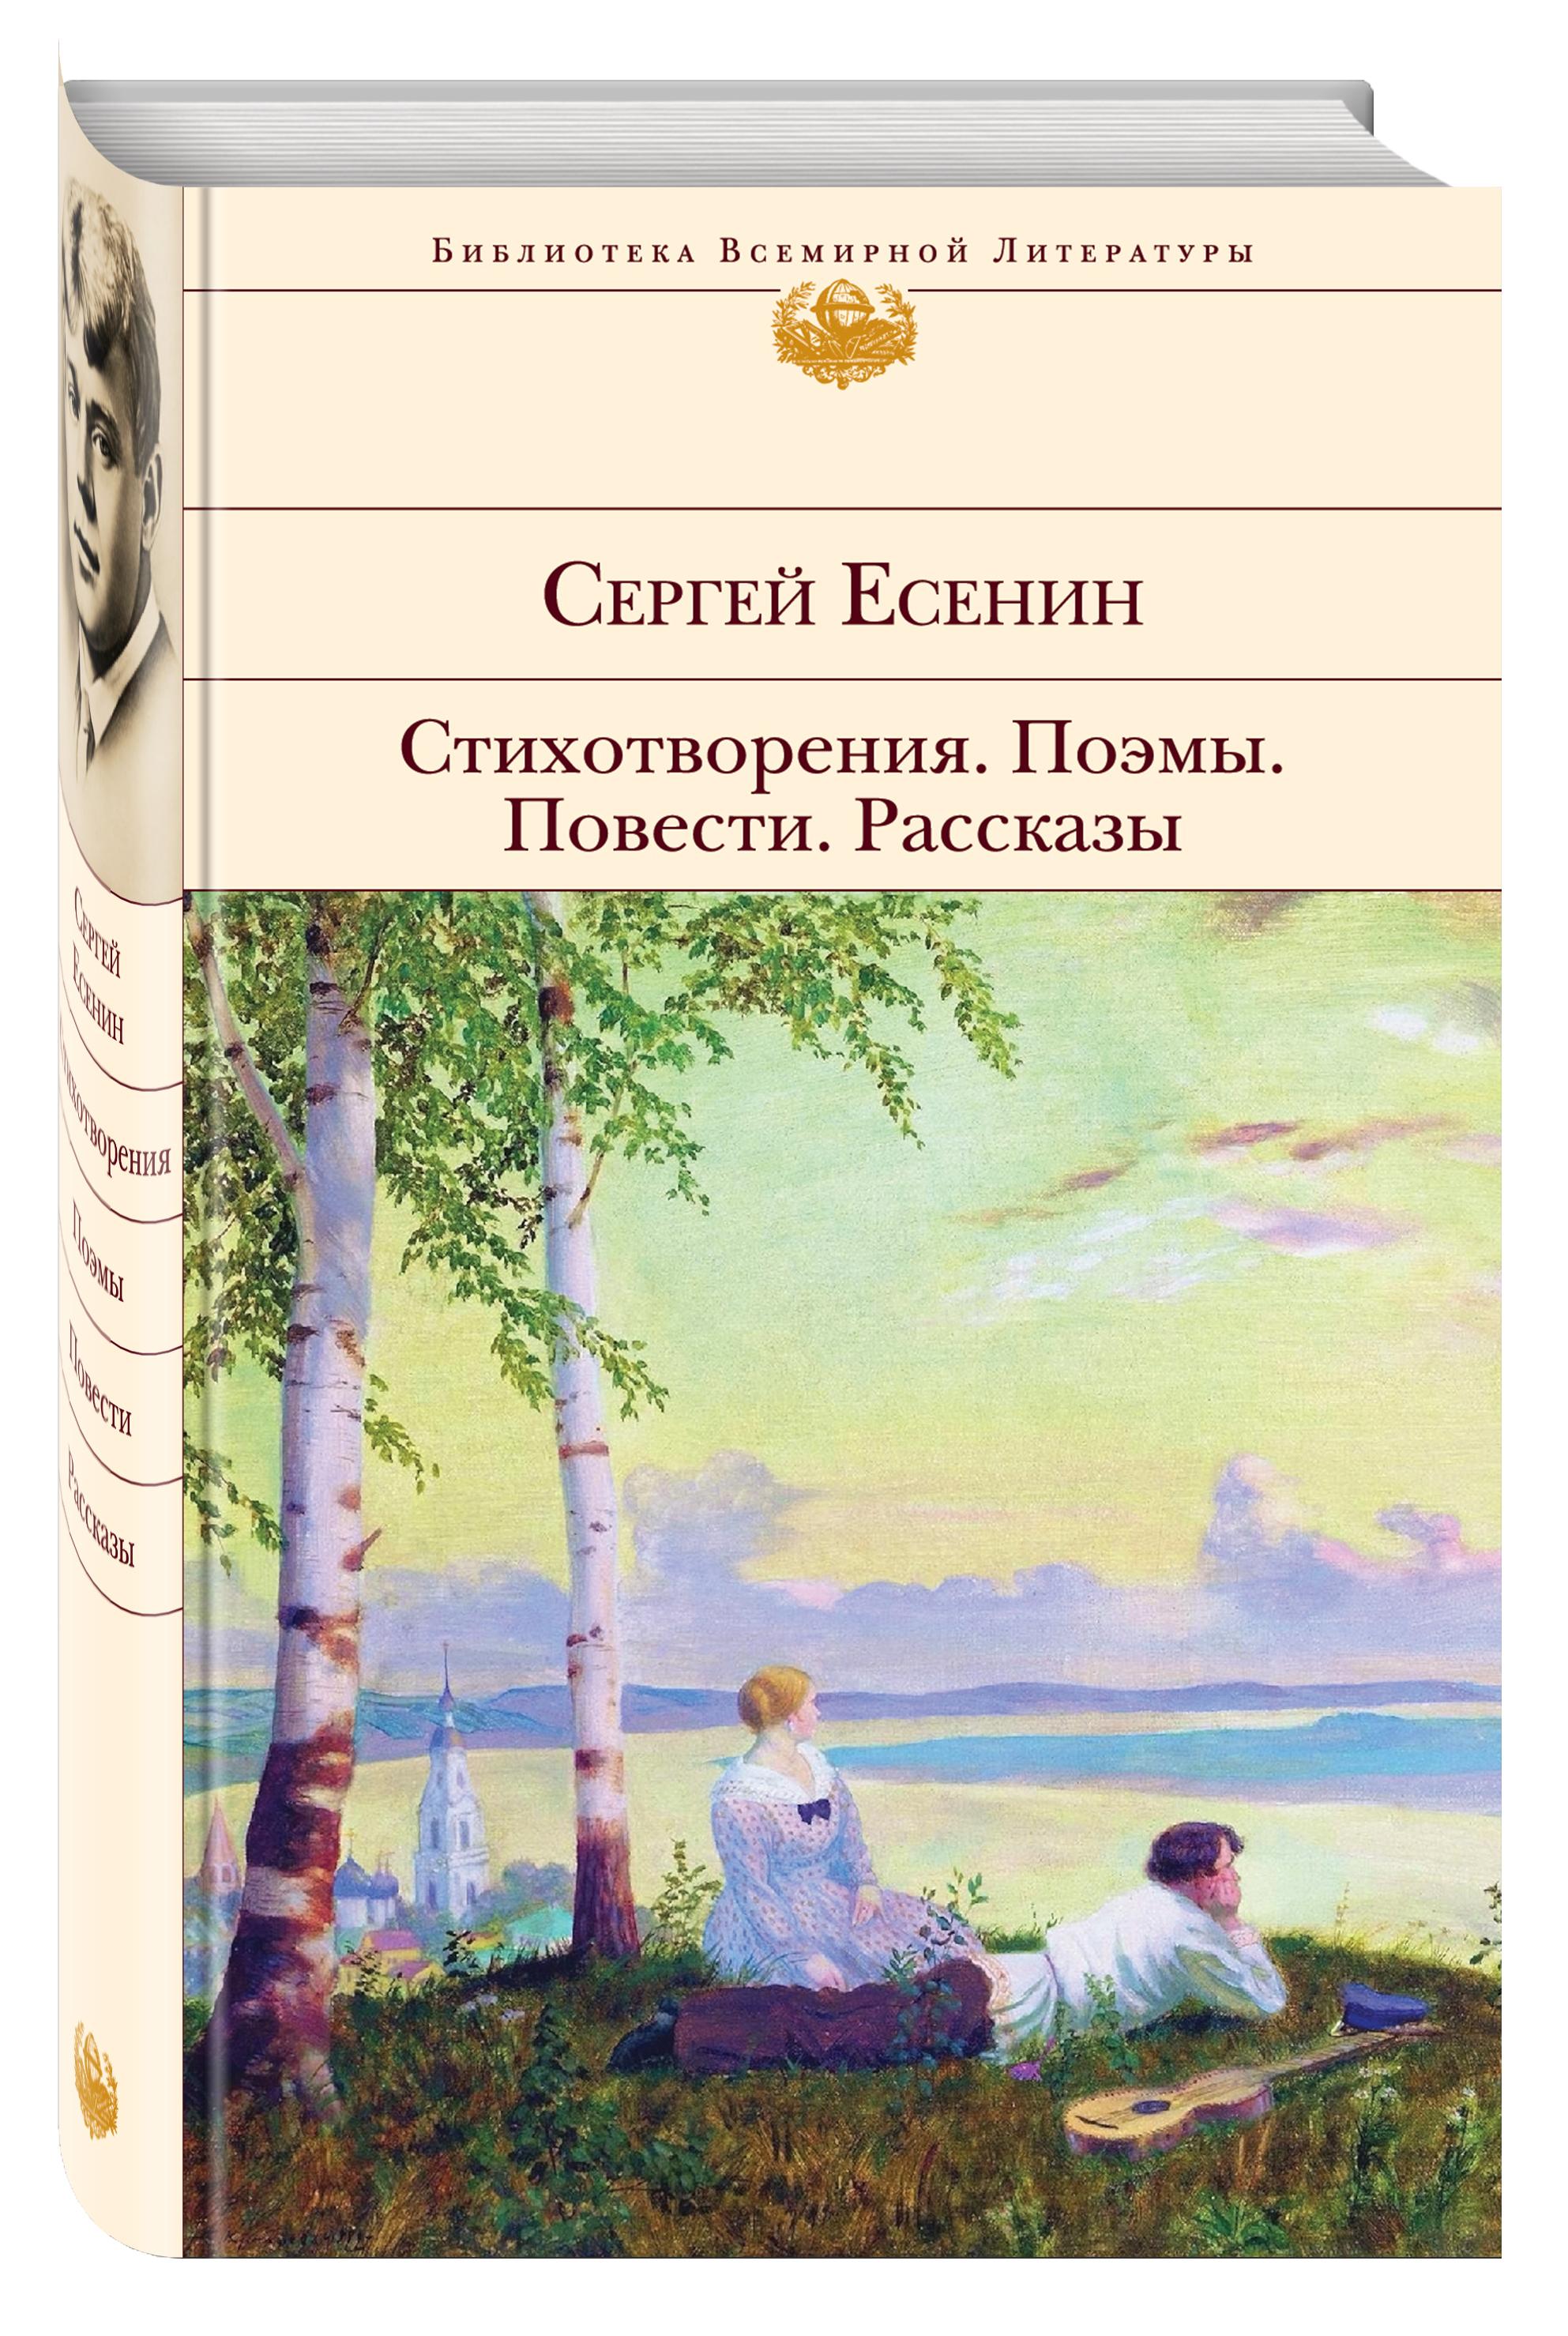 Есенин С.А. Стихотворения. Поэмы. Повести. Рассказы